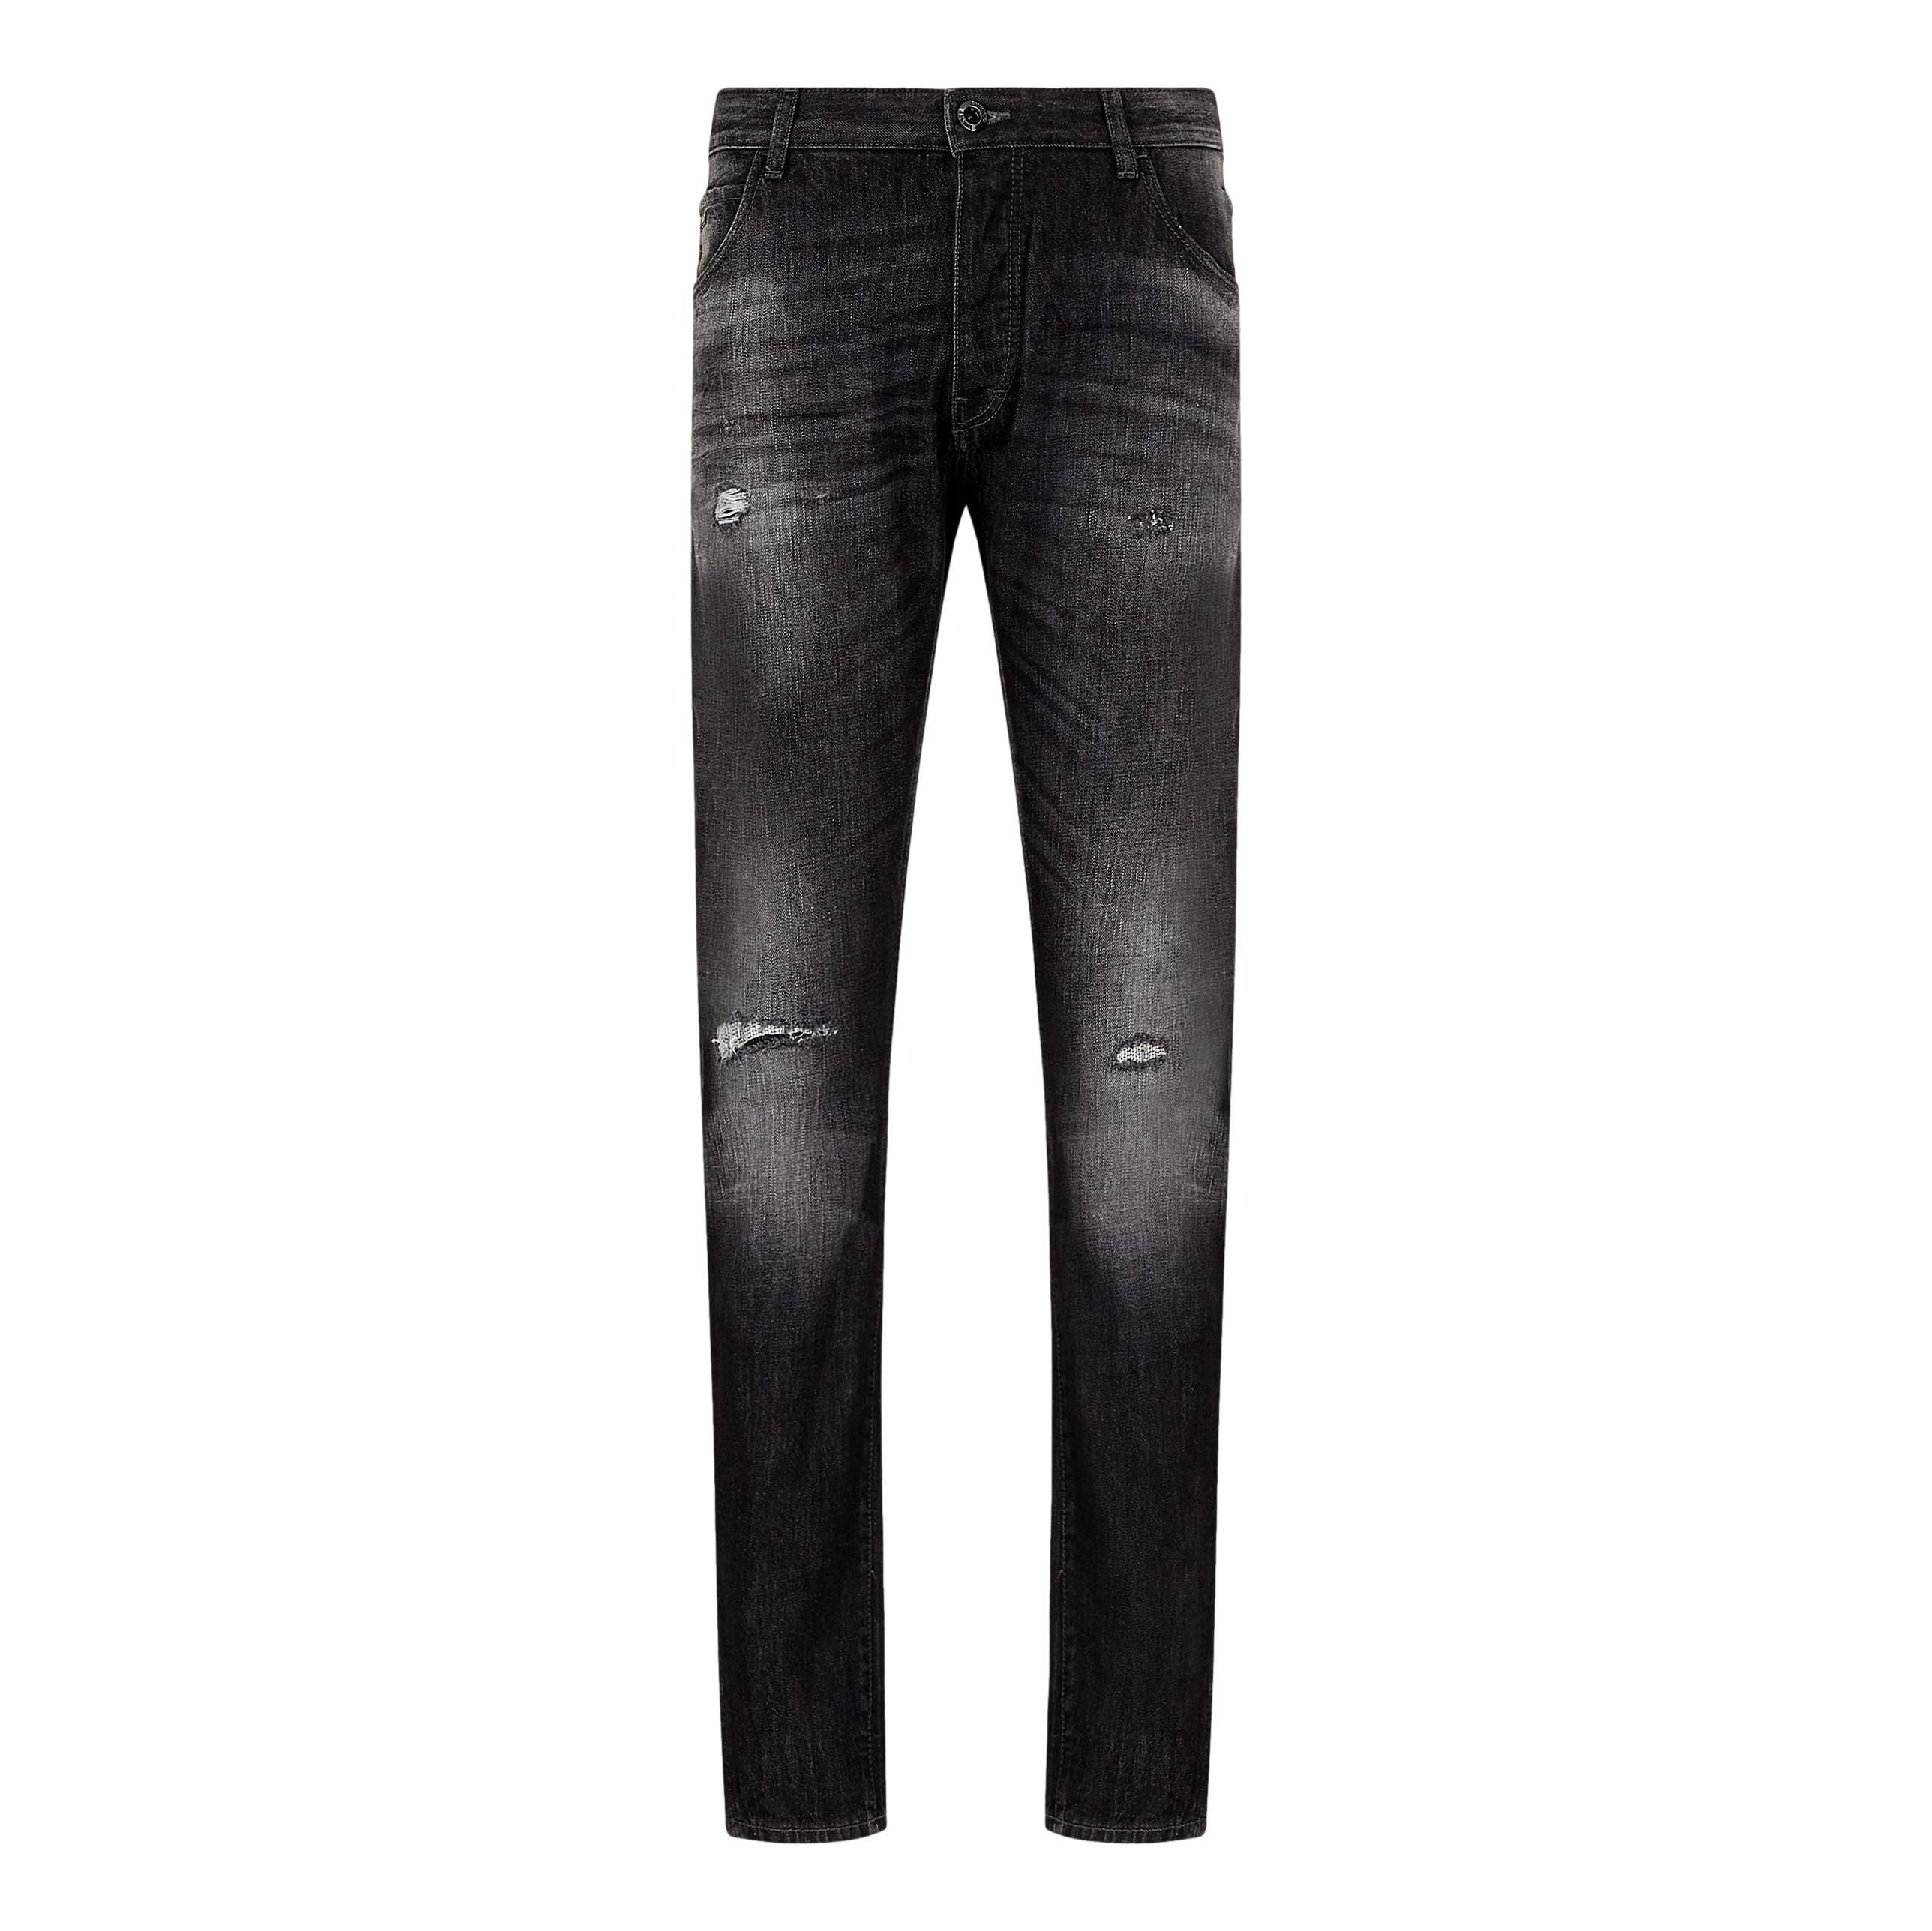 Jeans J09 slim tapered in denim con rotture EMPORIO ARMANI | Jeans | 3K1J09 1DX4Z0006